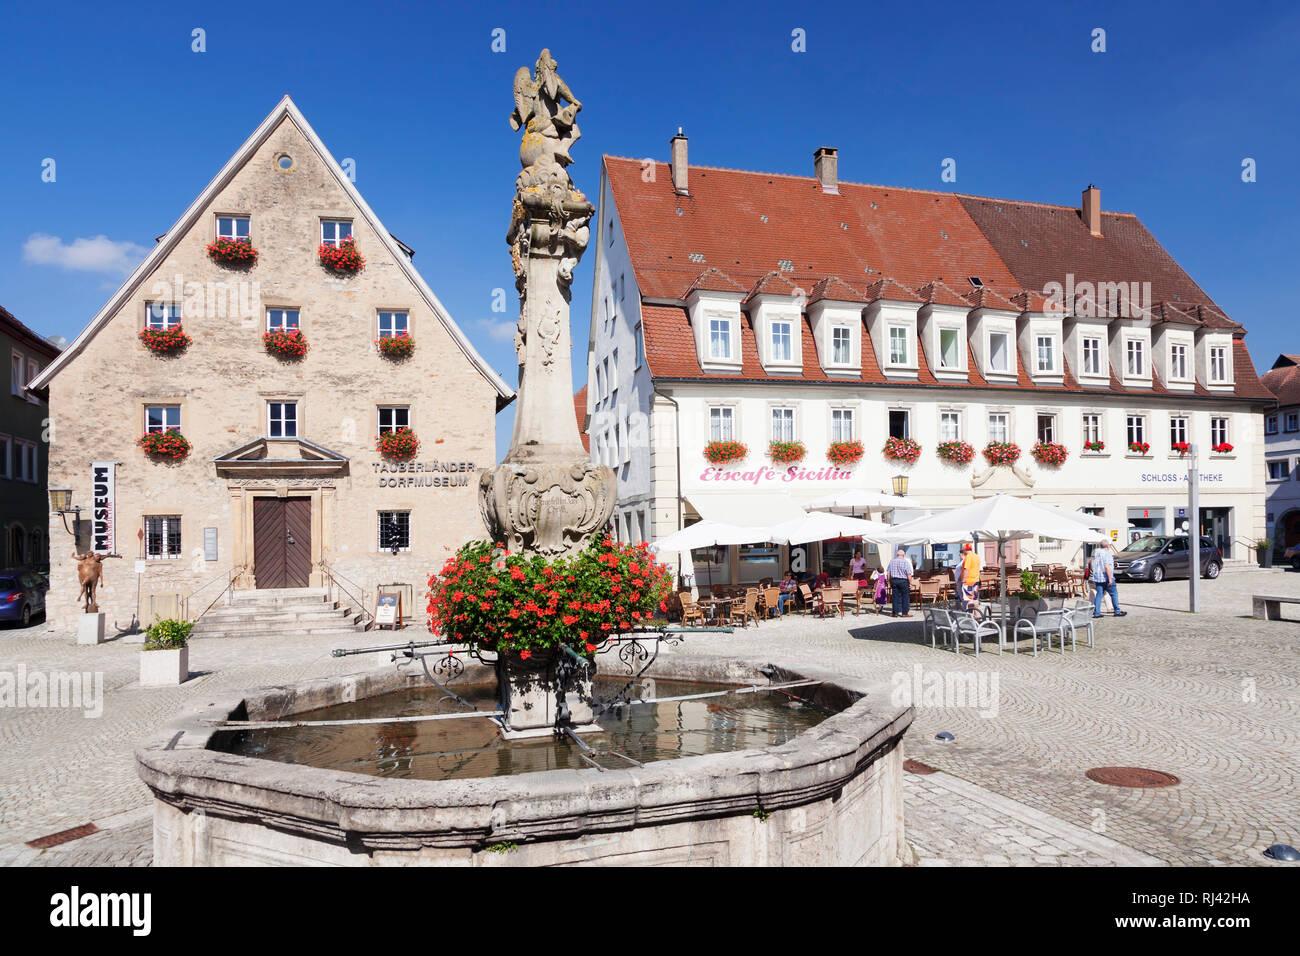 Rokokobrunnen am Marktplatz mit Straßencafes und Tauberländer Dorfmuseum, Weikersheim, Taubertal, Main Tauber Kreis, Baden-Württemberg, Deutschland Stock Photo